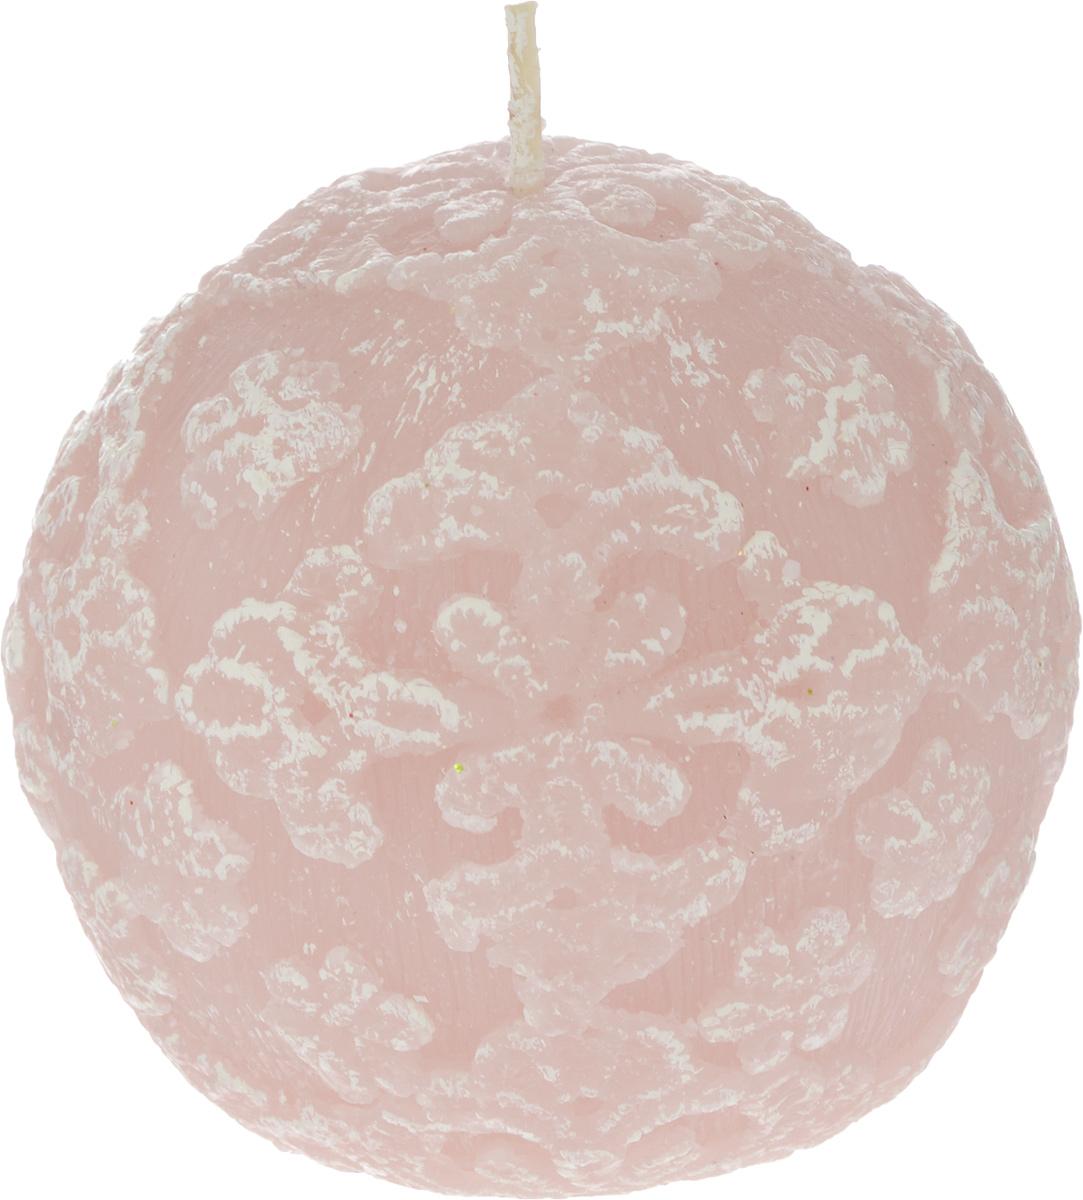 Свеча-шар B&H Цветочное кружево, цвет: розовый, диаметр 7,5 смBH1043_розовыйСвеча-шар Цветочное кружево изготовлена из парафина и декорирована изящным узором. Такая свеча станет изысканным украшением интерьера. Она принесет в ваш дом волшебство и ощущение праздника. Создайте в своем доме атмосферу веселья и радости, и тогда самый обычный день с легкостью превратится в торжество.